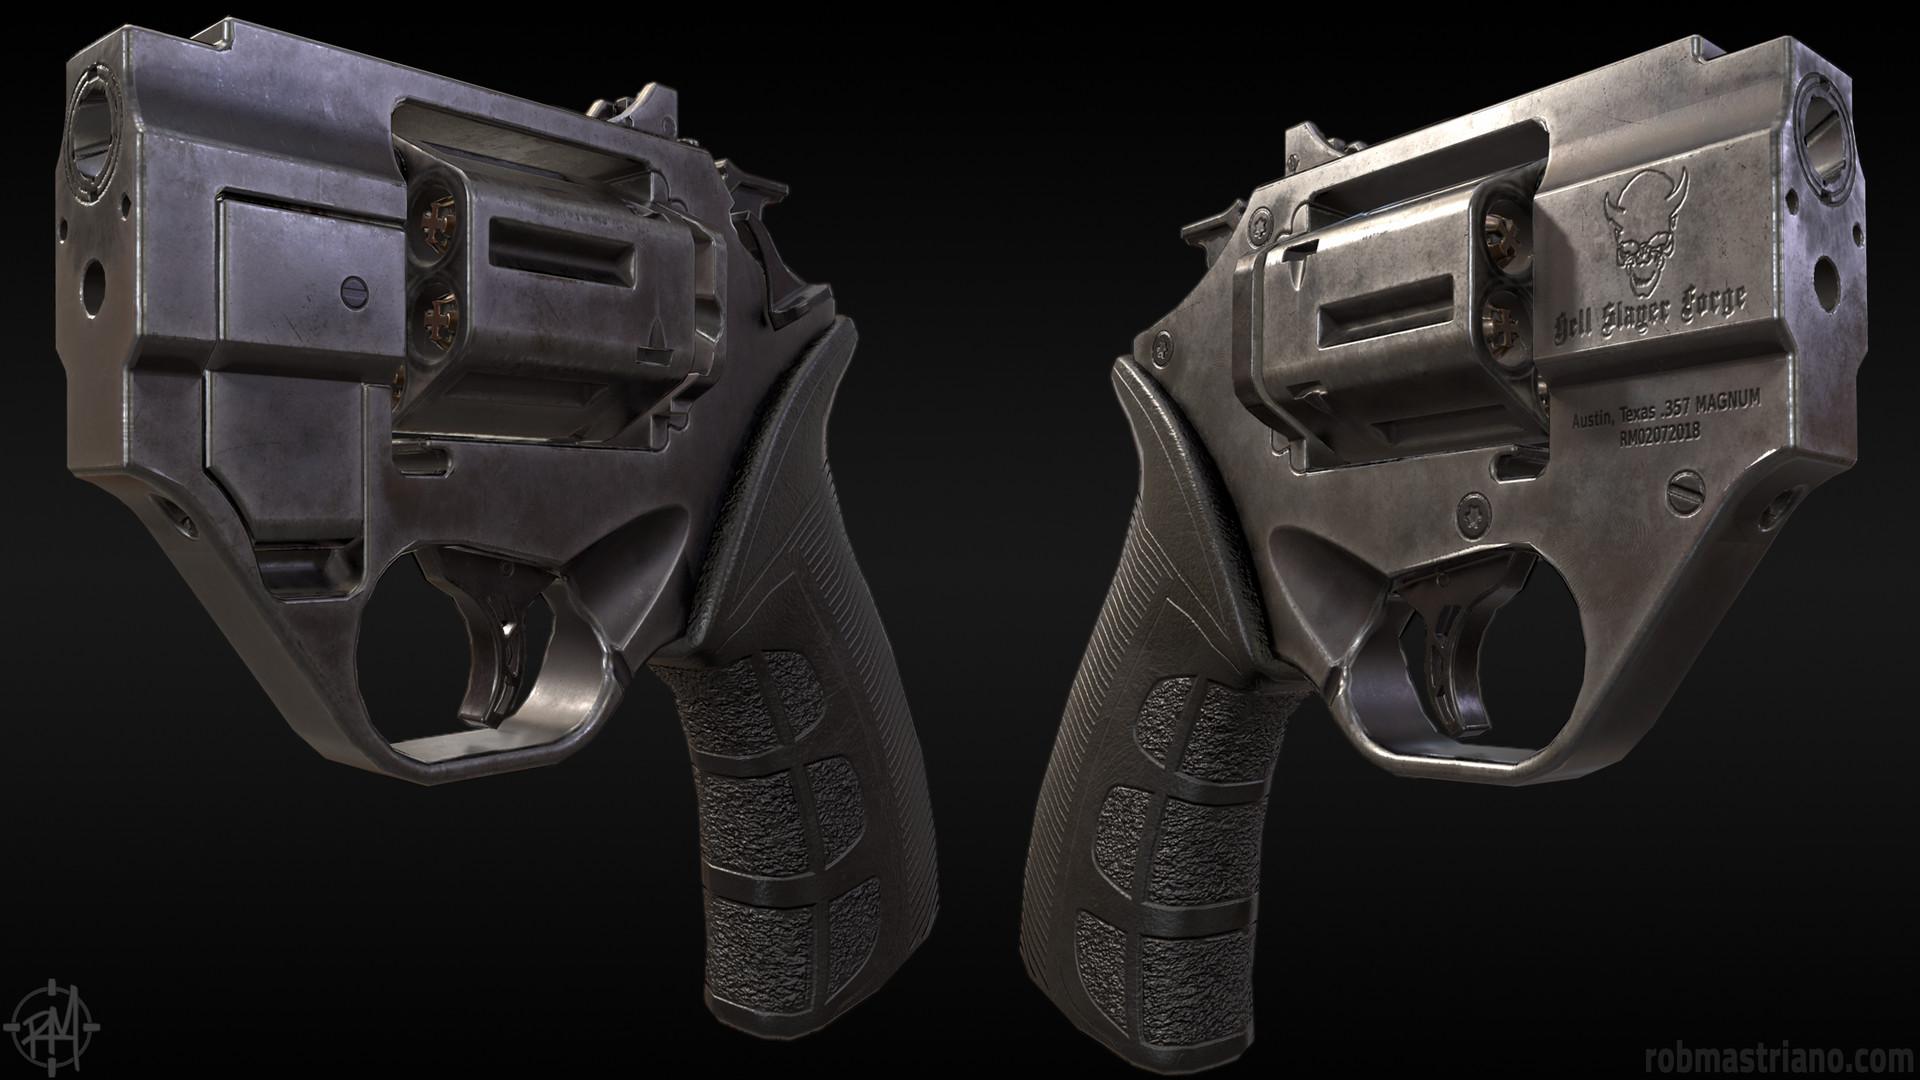 Rob mastriano revolver6